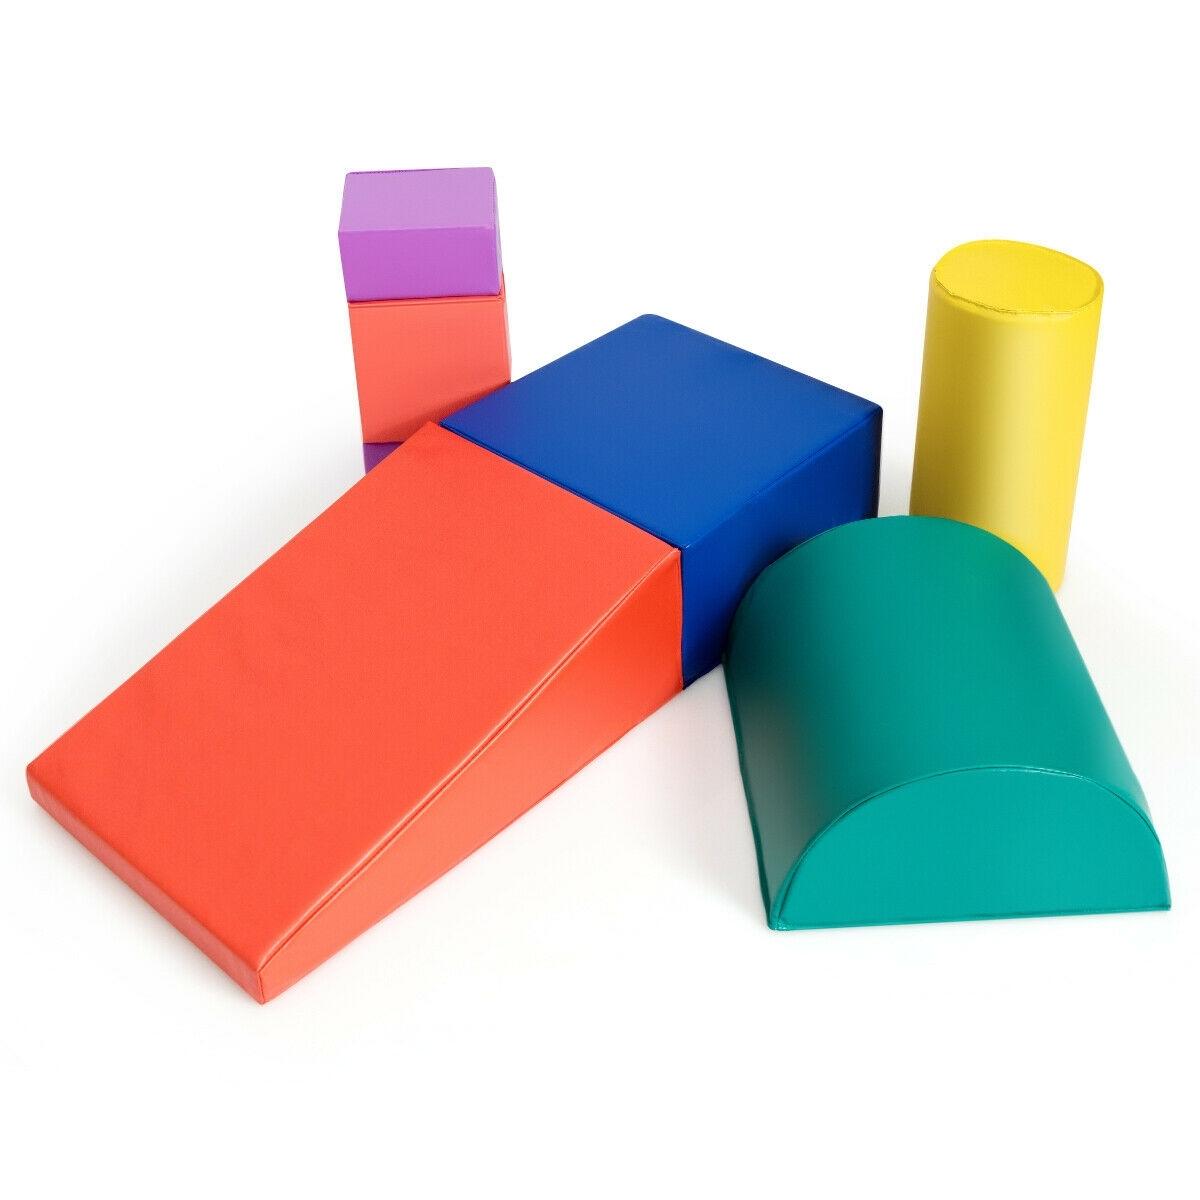 Image of 6 Piece Climb Crawl Play Set Indoor Kids Toddler